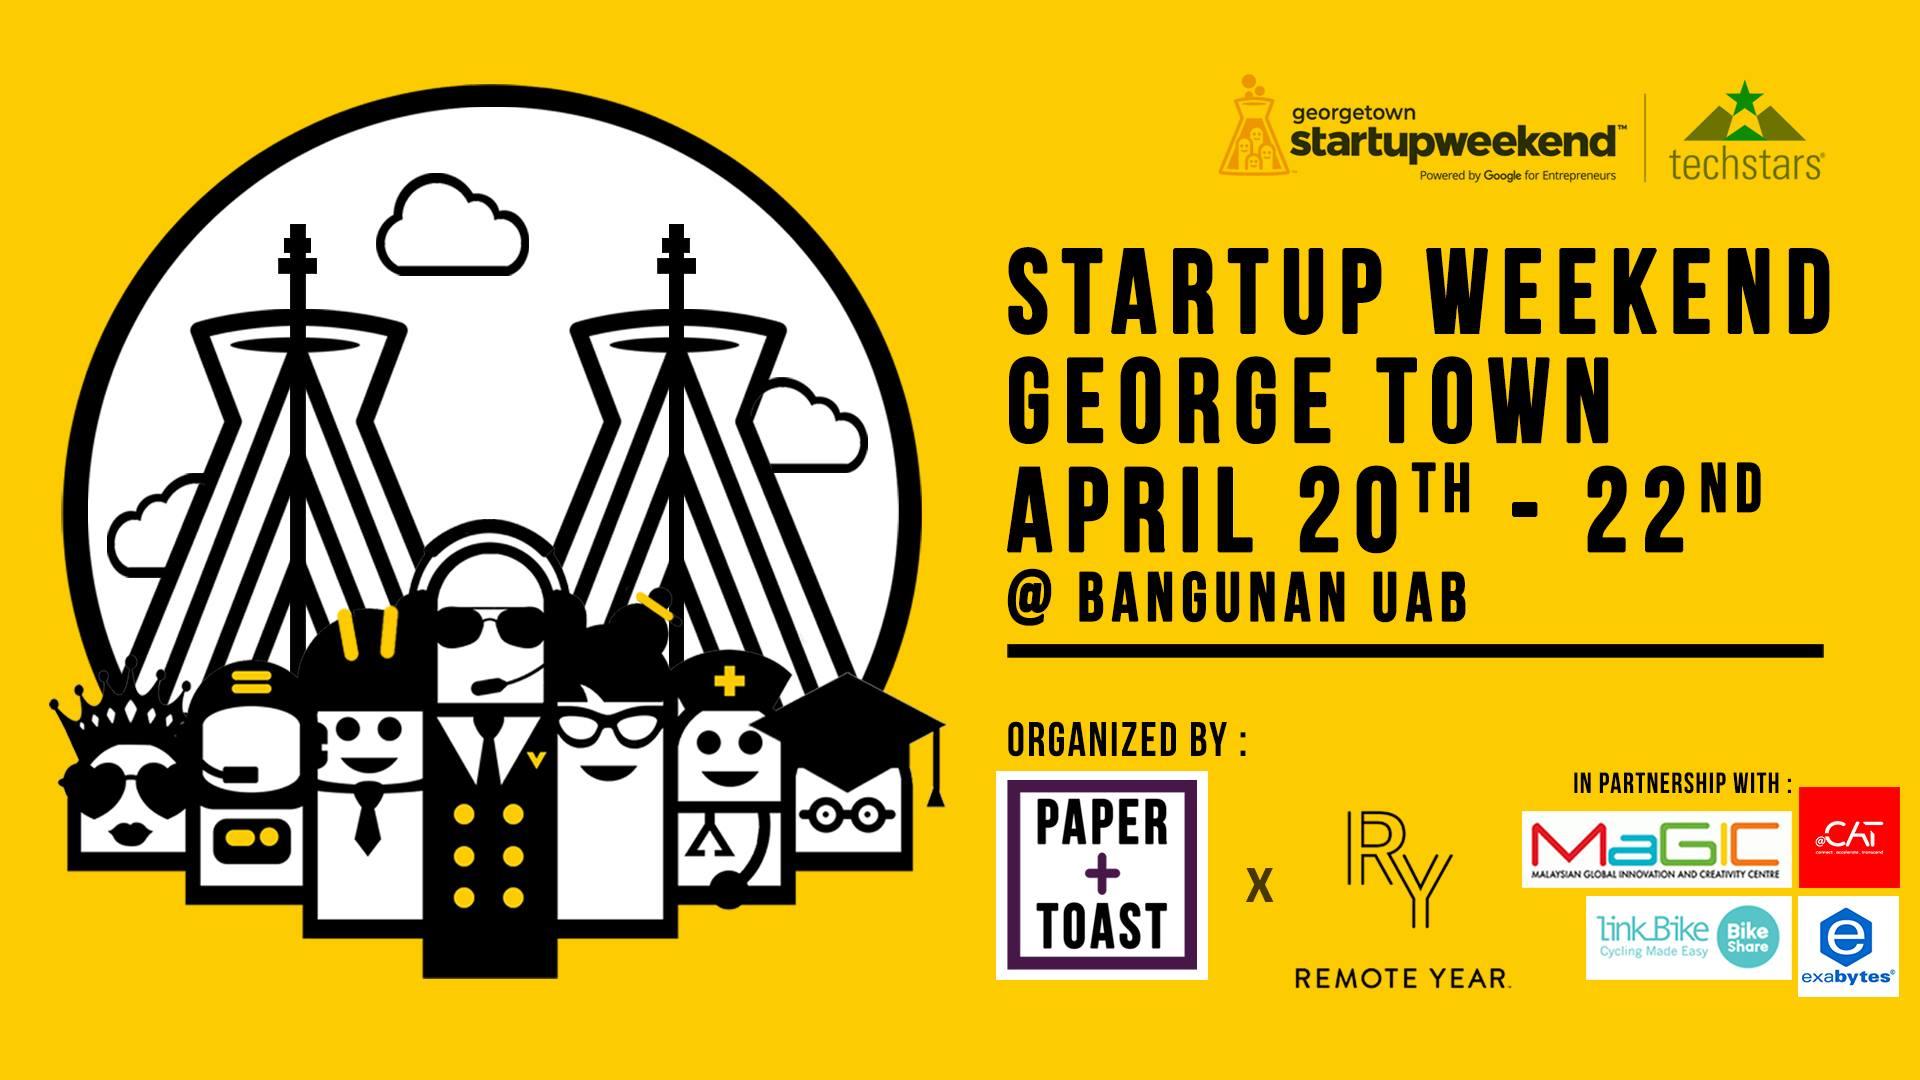 Startup Weekend George Town